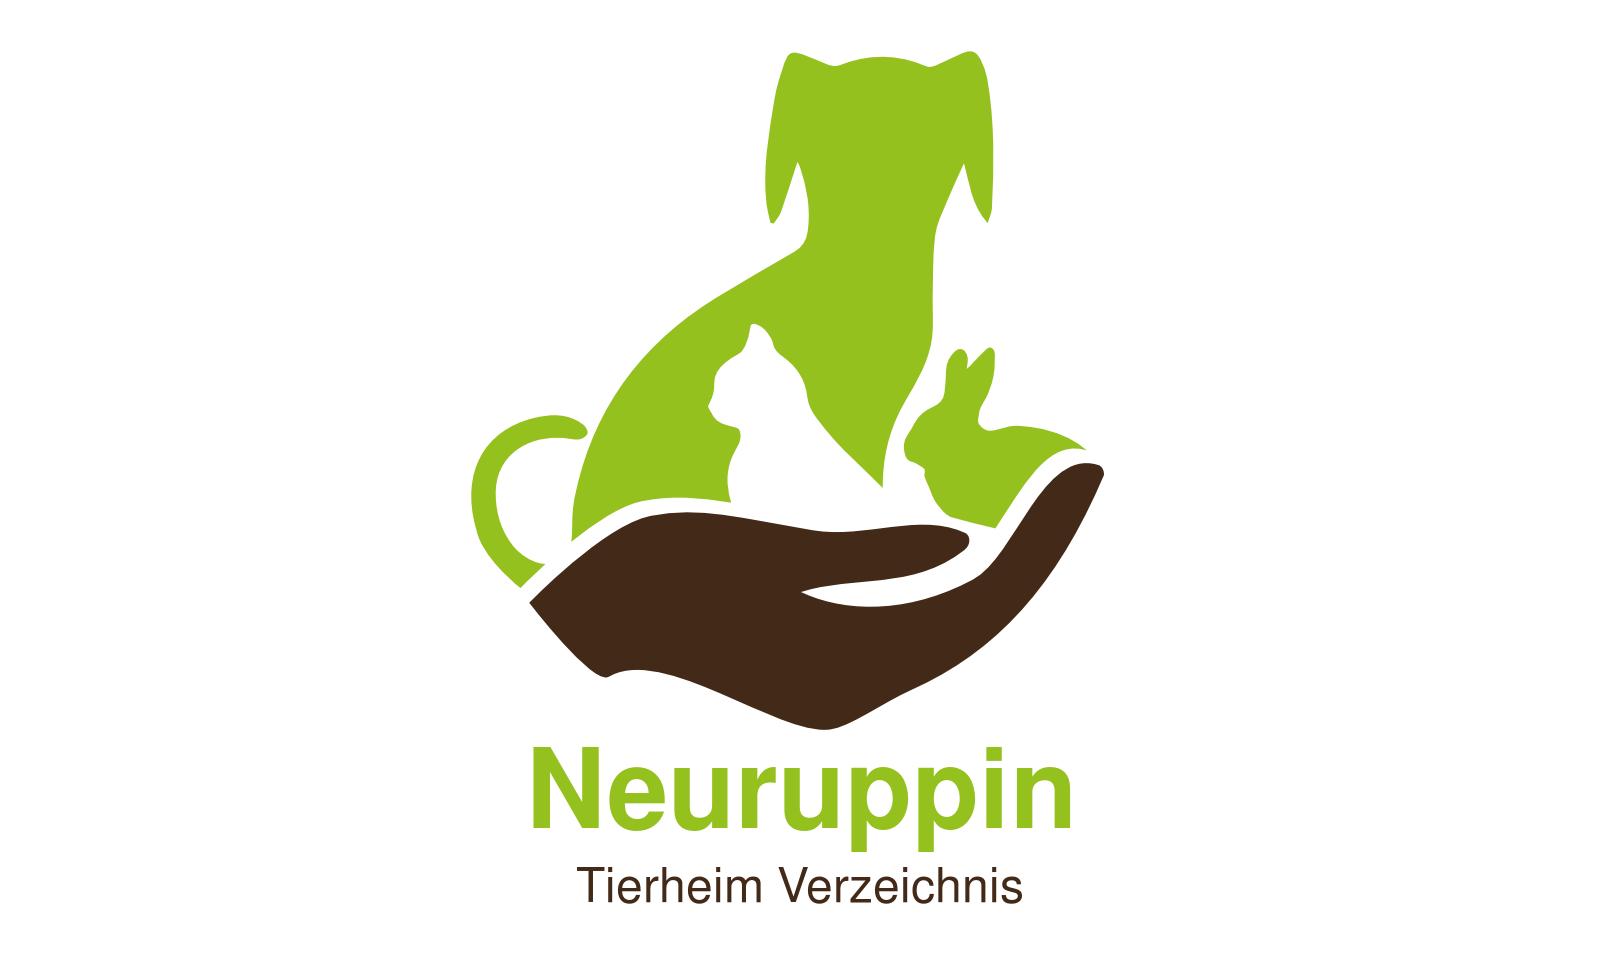 Tierheim Neuruppin